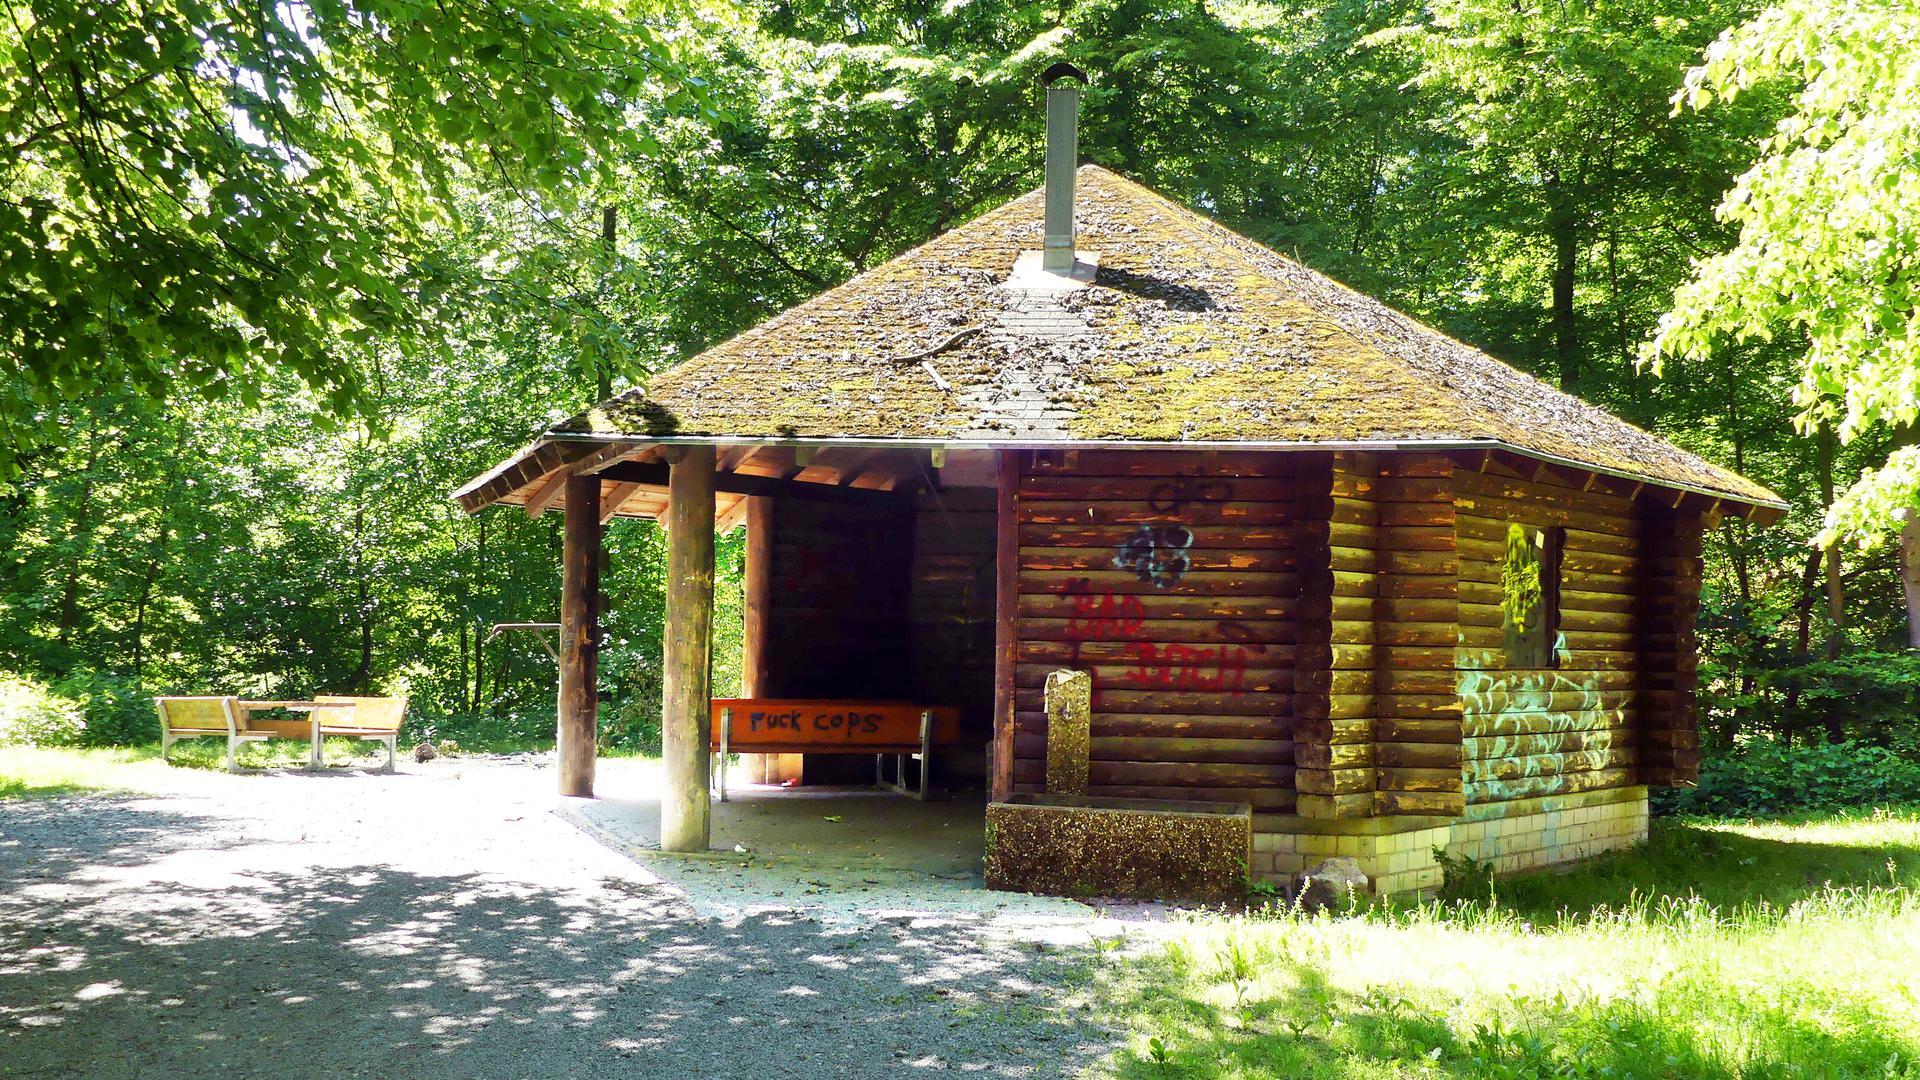 Liedolsheimer Grillplatz